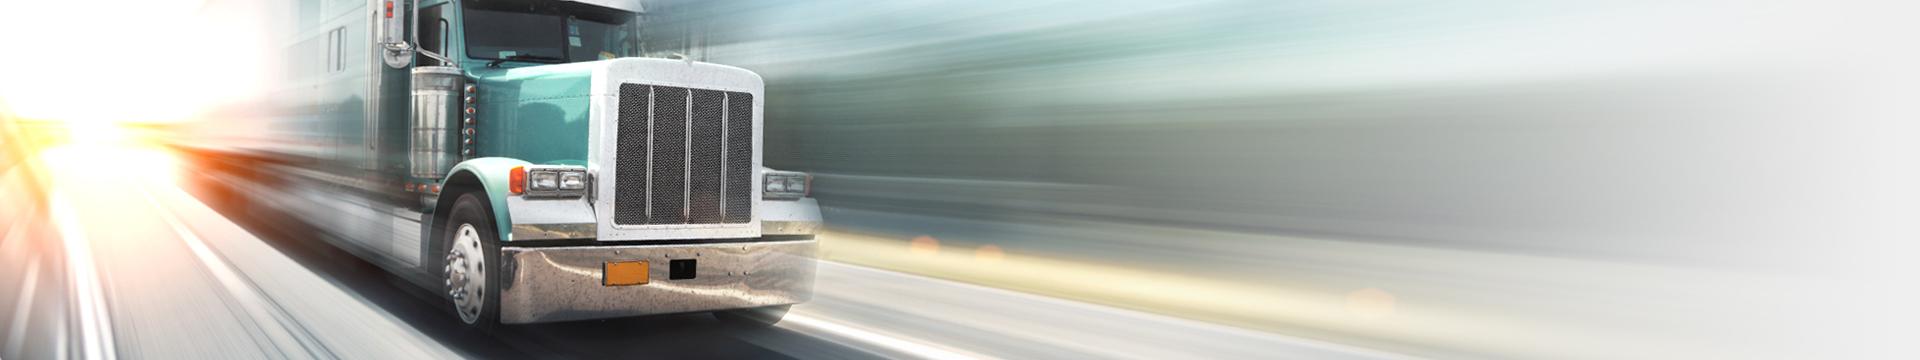 柴油车发动机油